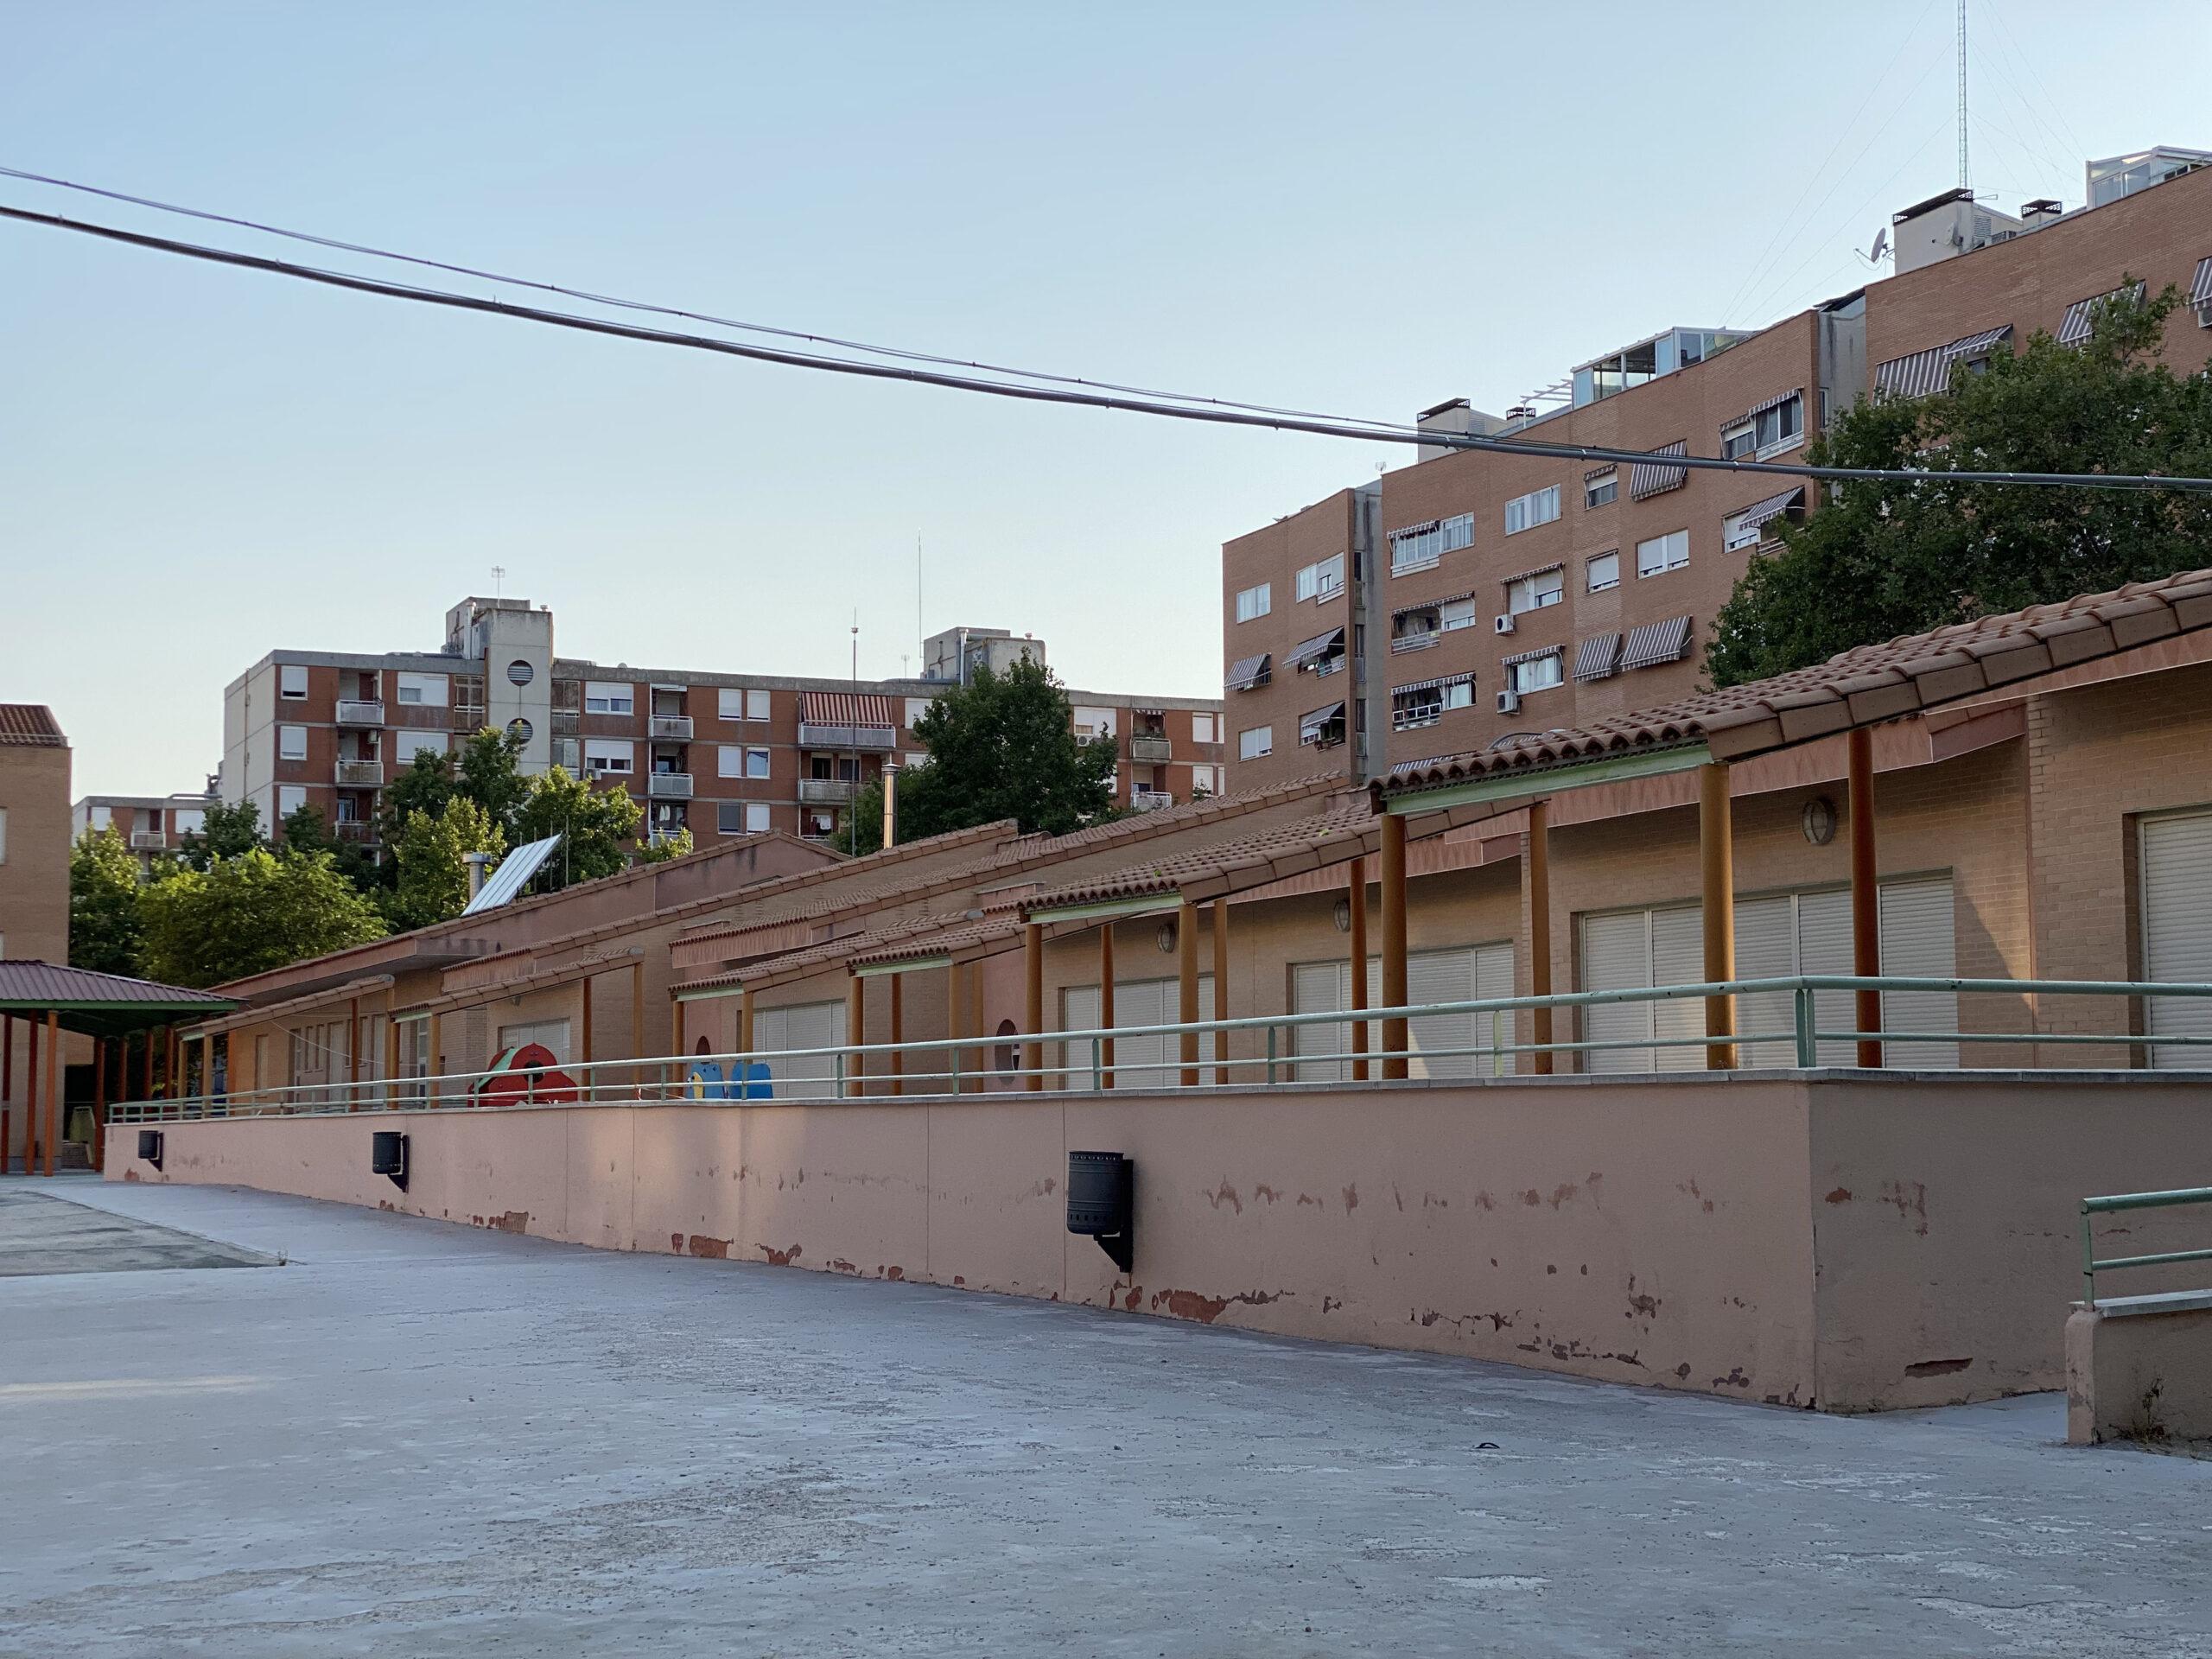 Edificio de Infantil - A.M.P.A. CEIP Clara Campoamor